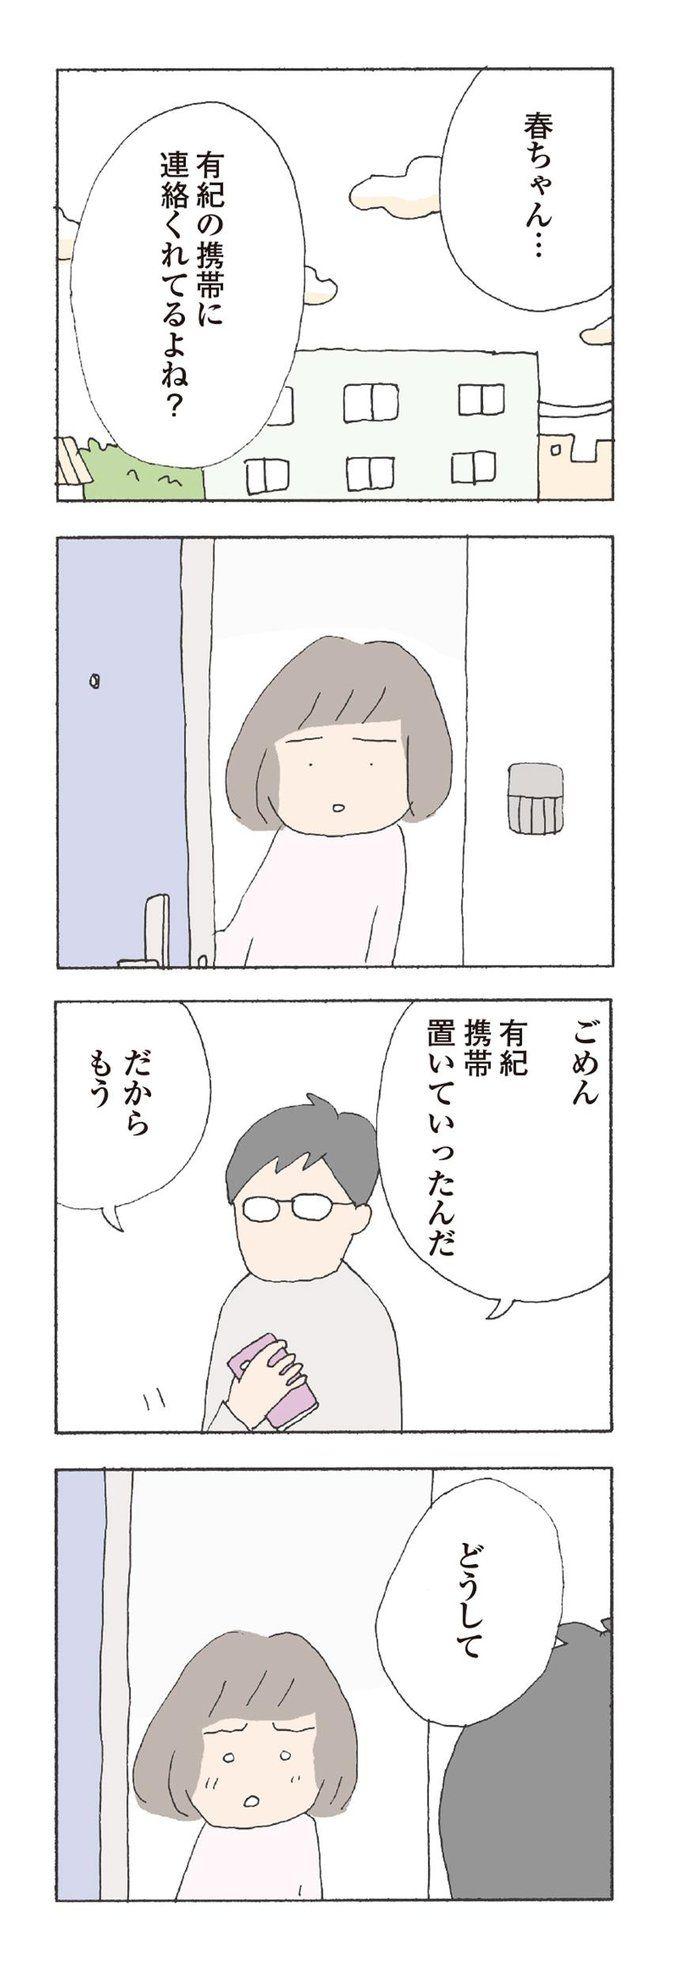 た ママ 友 消え